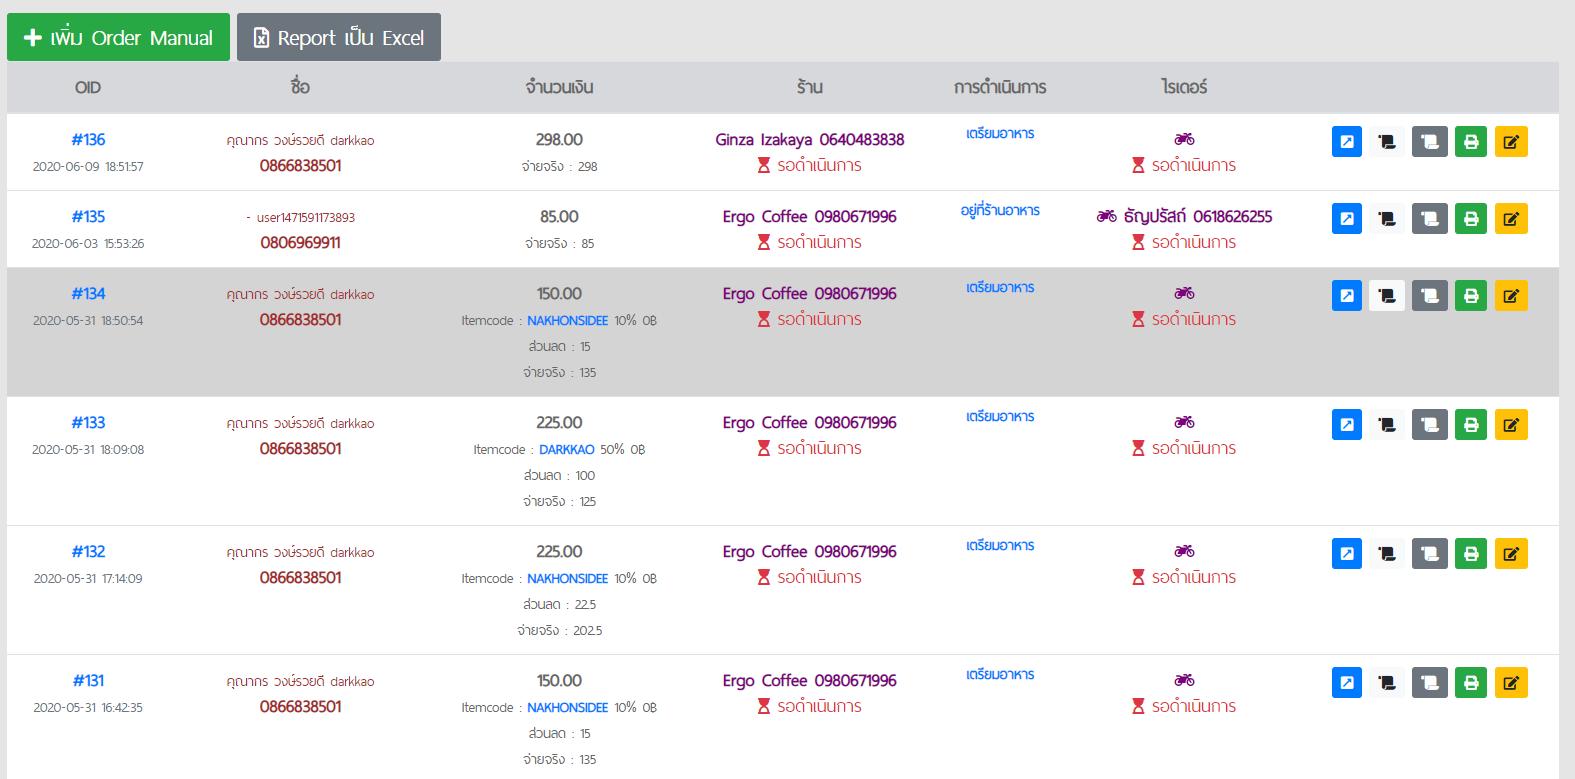 ระบบจัดการออเดอร์อย่างละเอียด  รับทำเว็บไซต์,ภาคใต้,application,ios,android